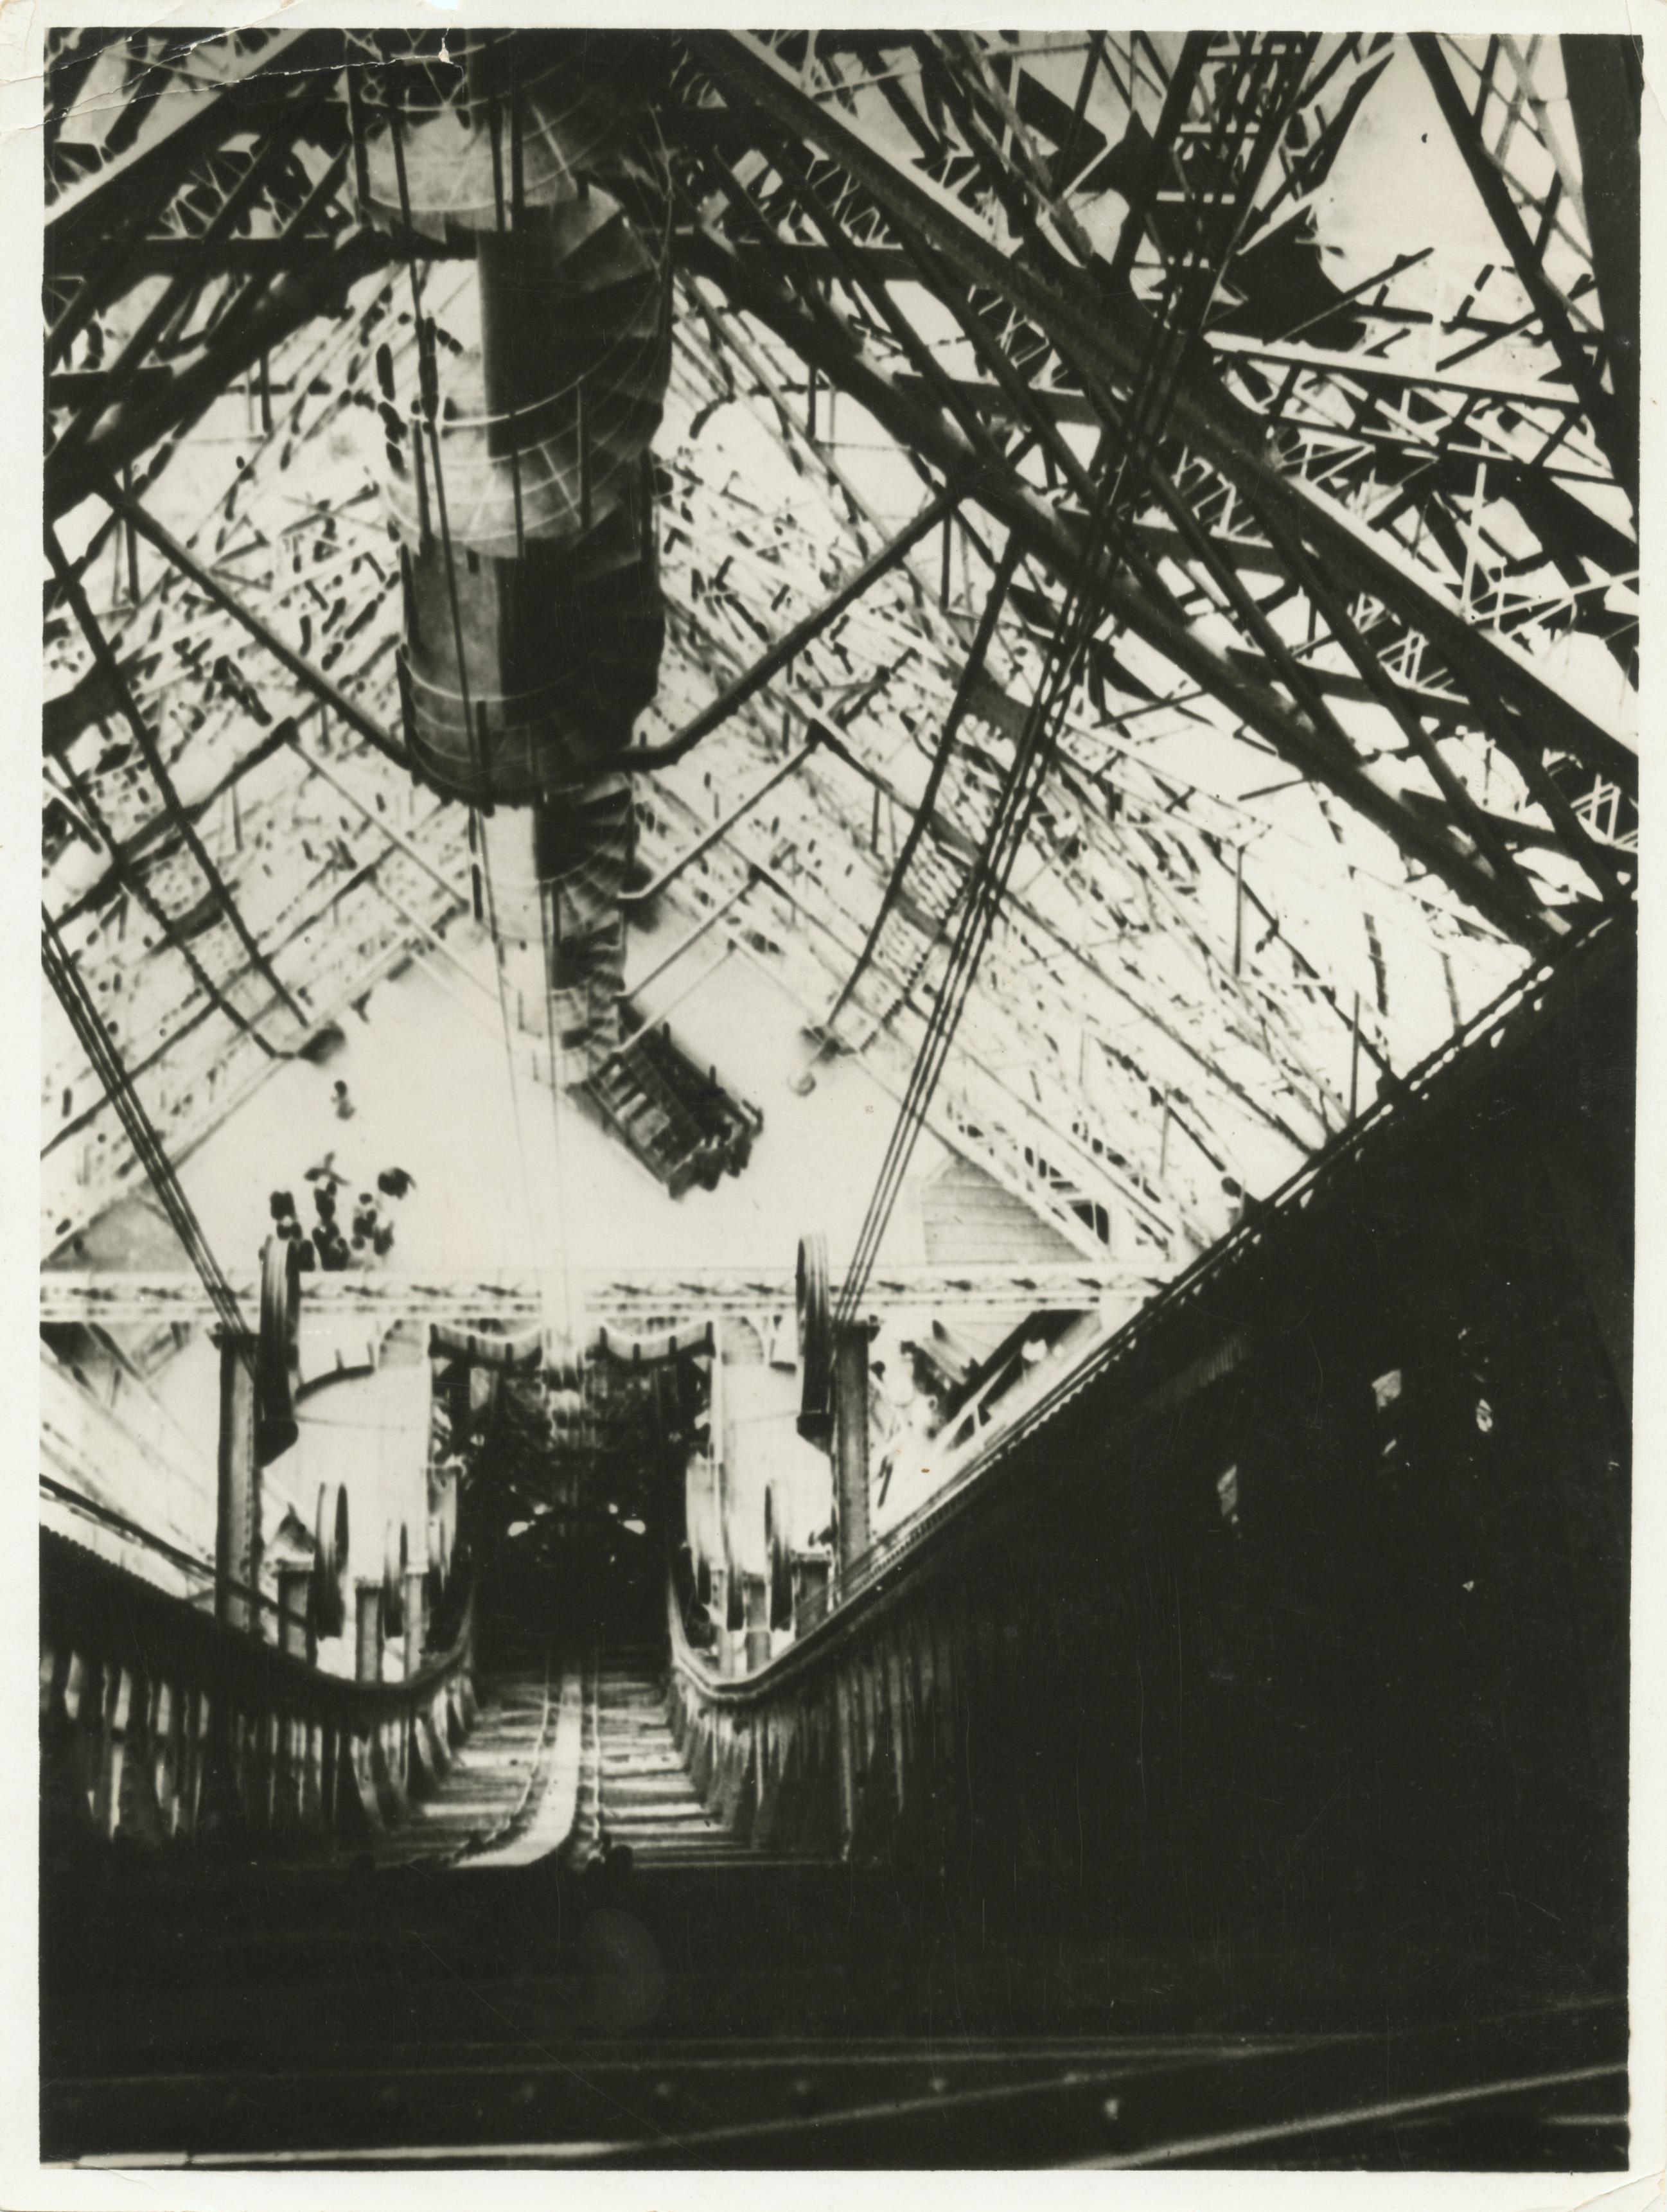 Fotó: Moholy-Nagy László: Eiffel-torony, é.n., zselatinos ezüst © Magyar Fotográfiai Múzeum